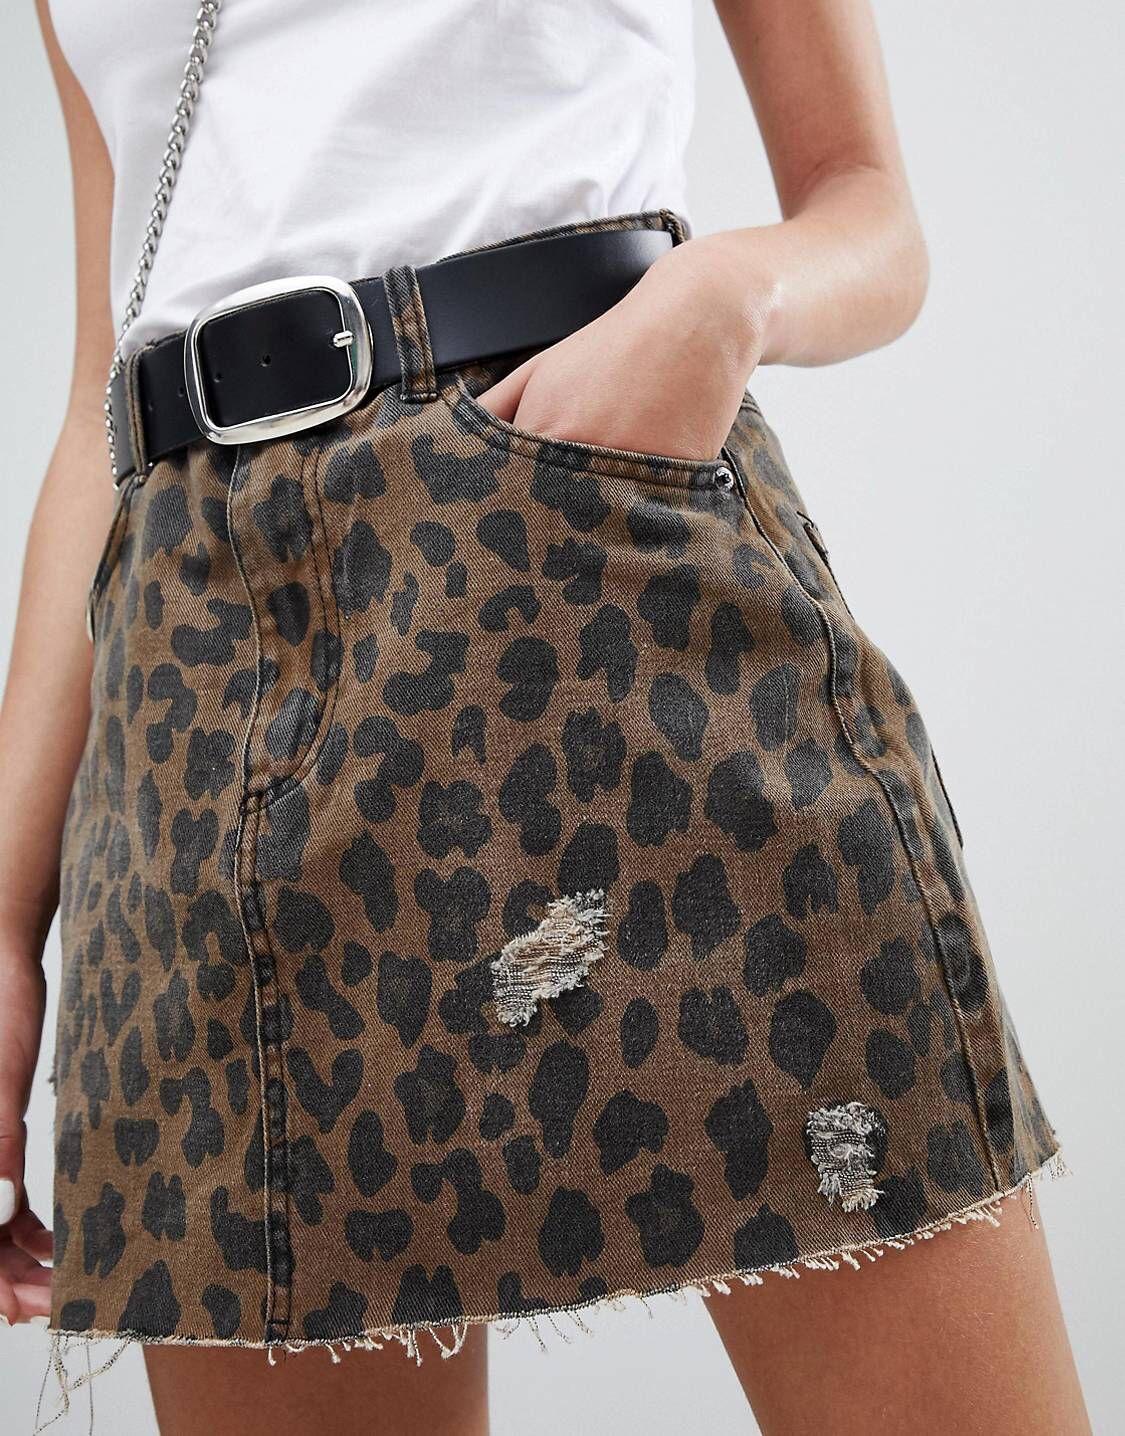 3cd51aff07f8 Bershka leopard print denim skirt in 2019 | SKIRT | Denim skirt ...